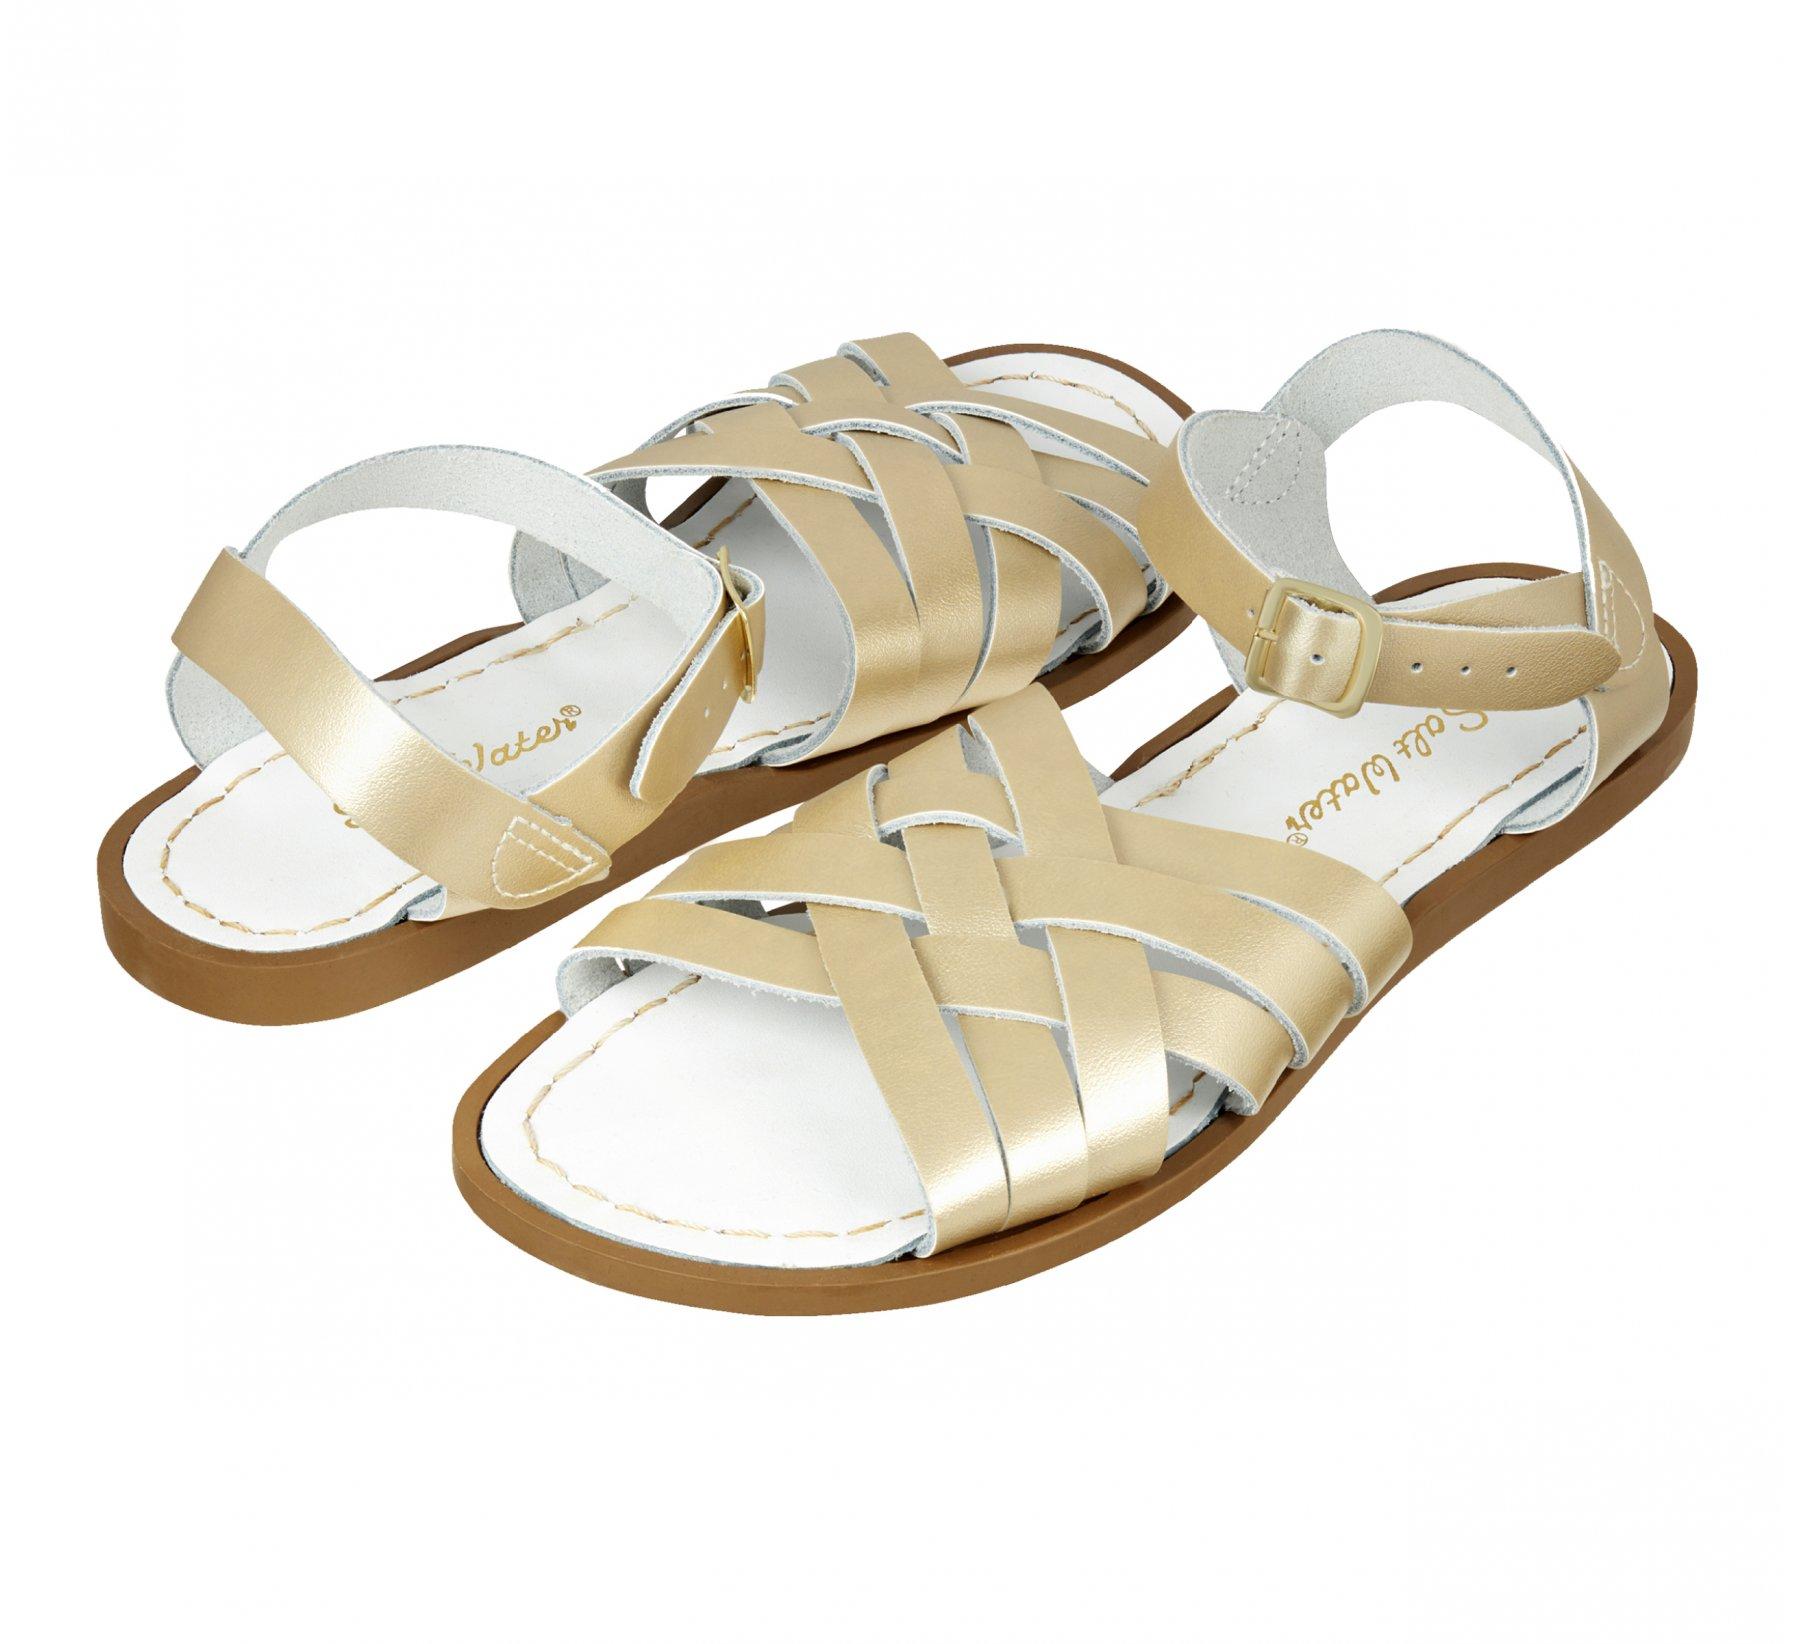 Retro Gold  - Salt Water Sandals